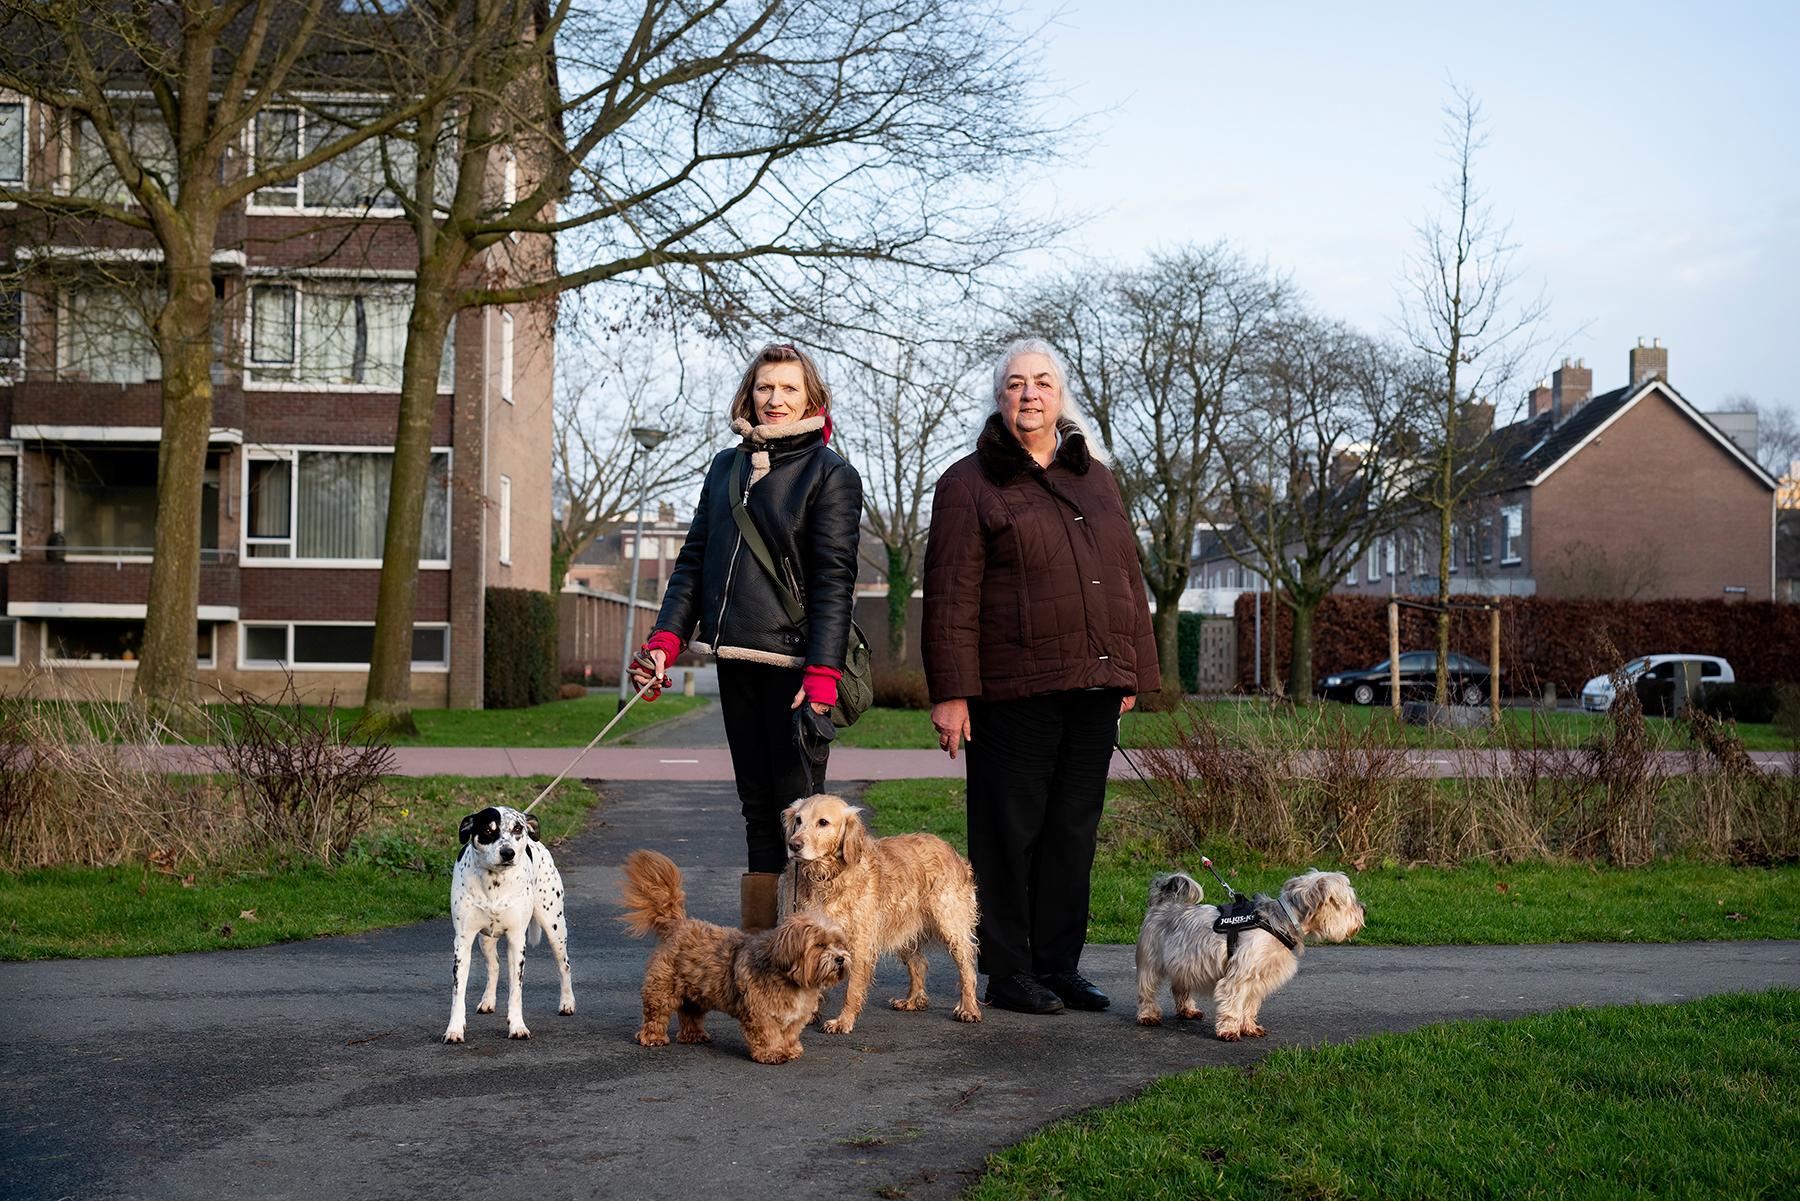 Vrouwen met hond